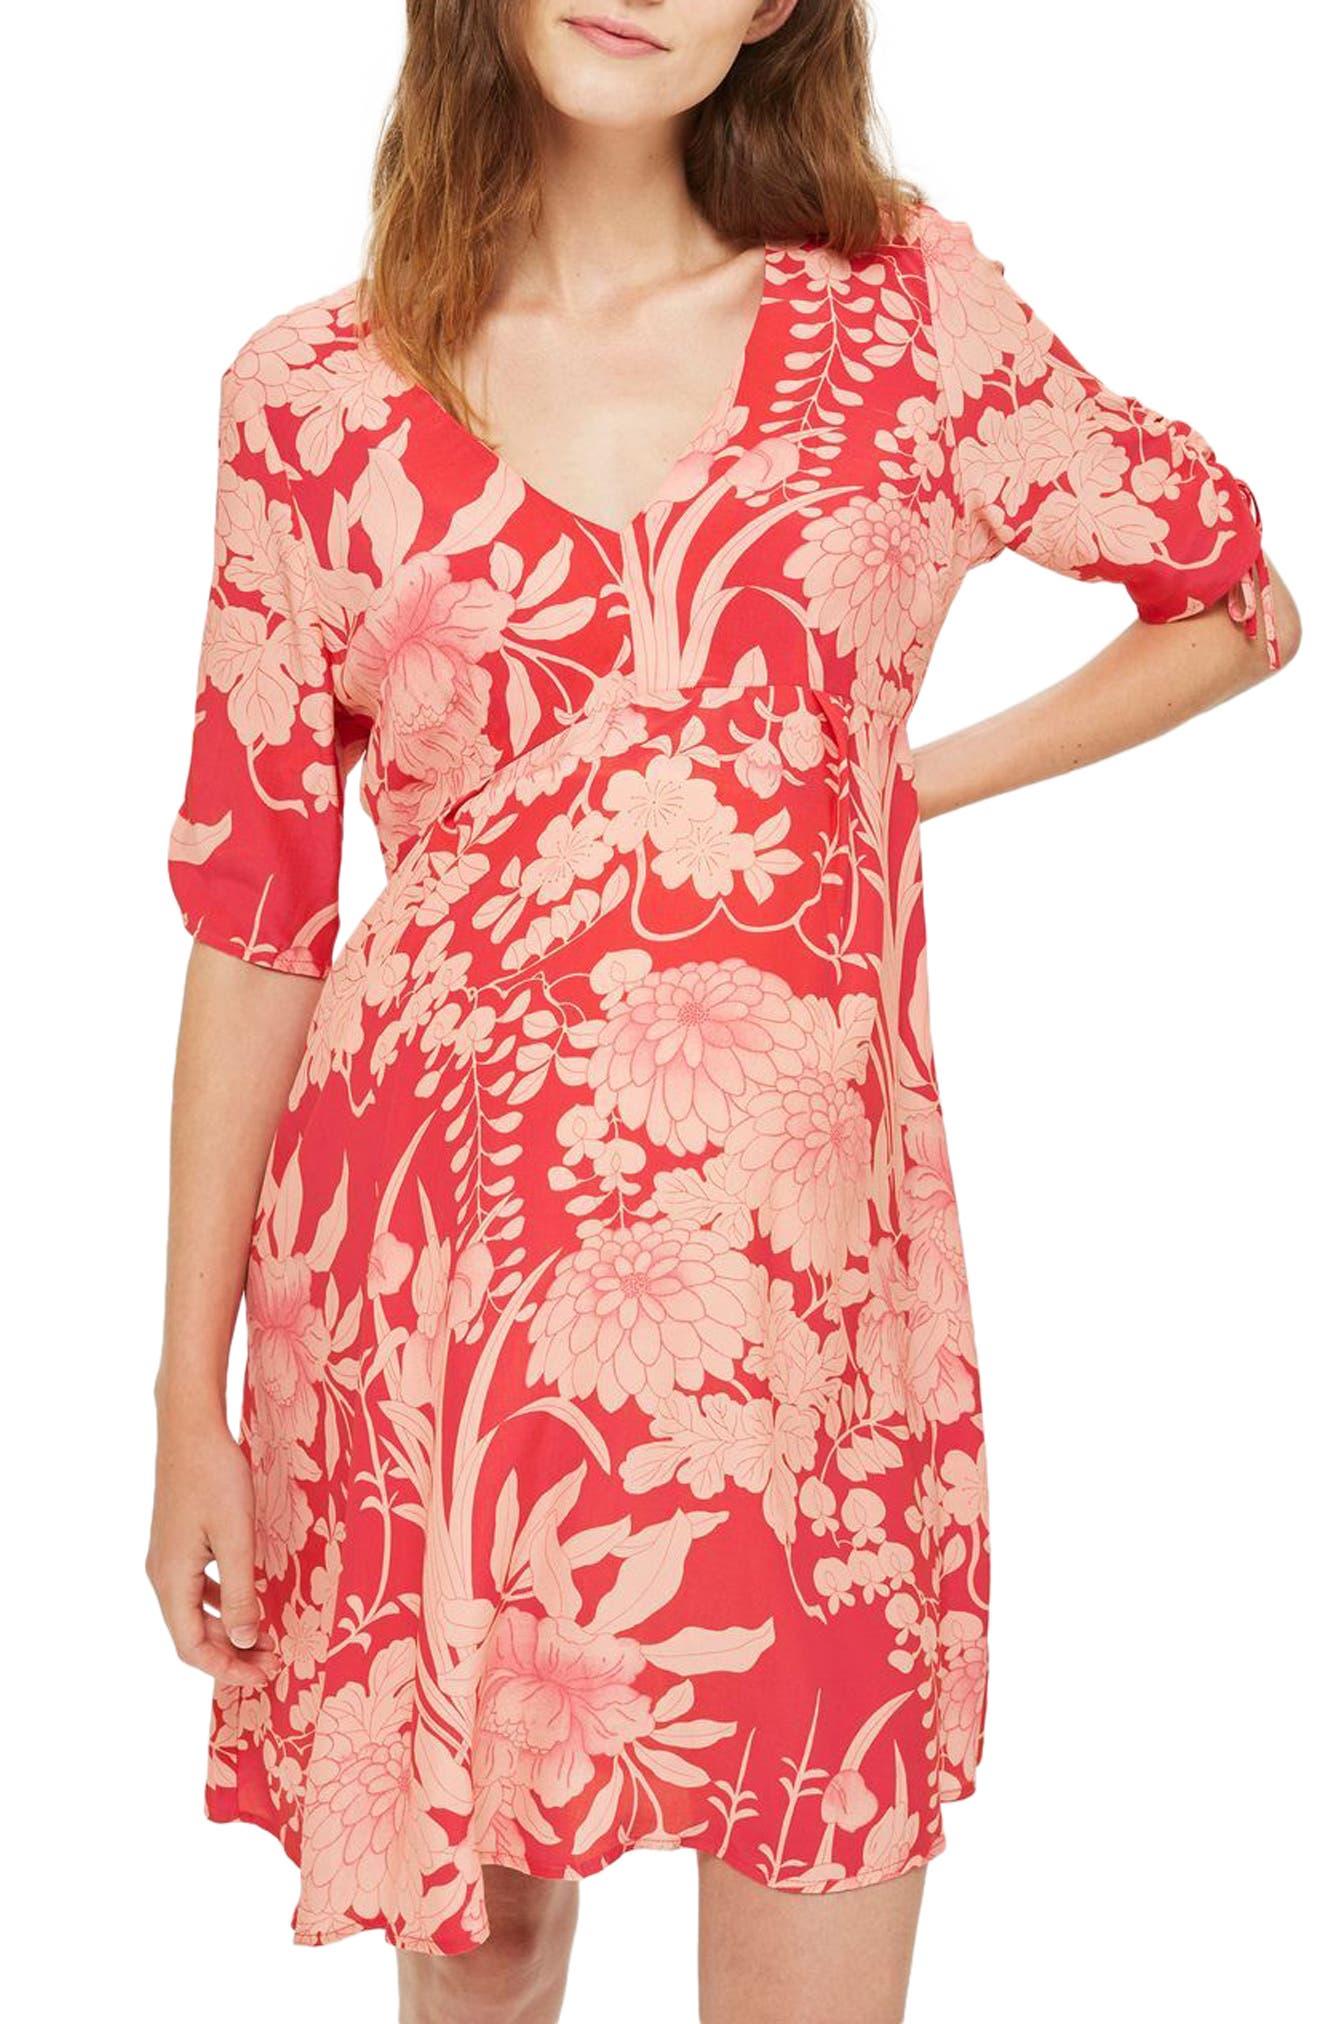 Topshop Floral Print Maternity Tea Dress